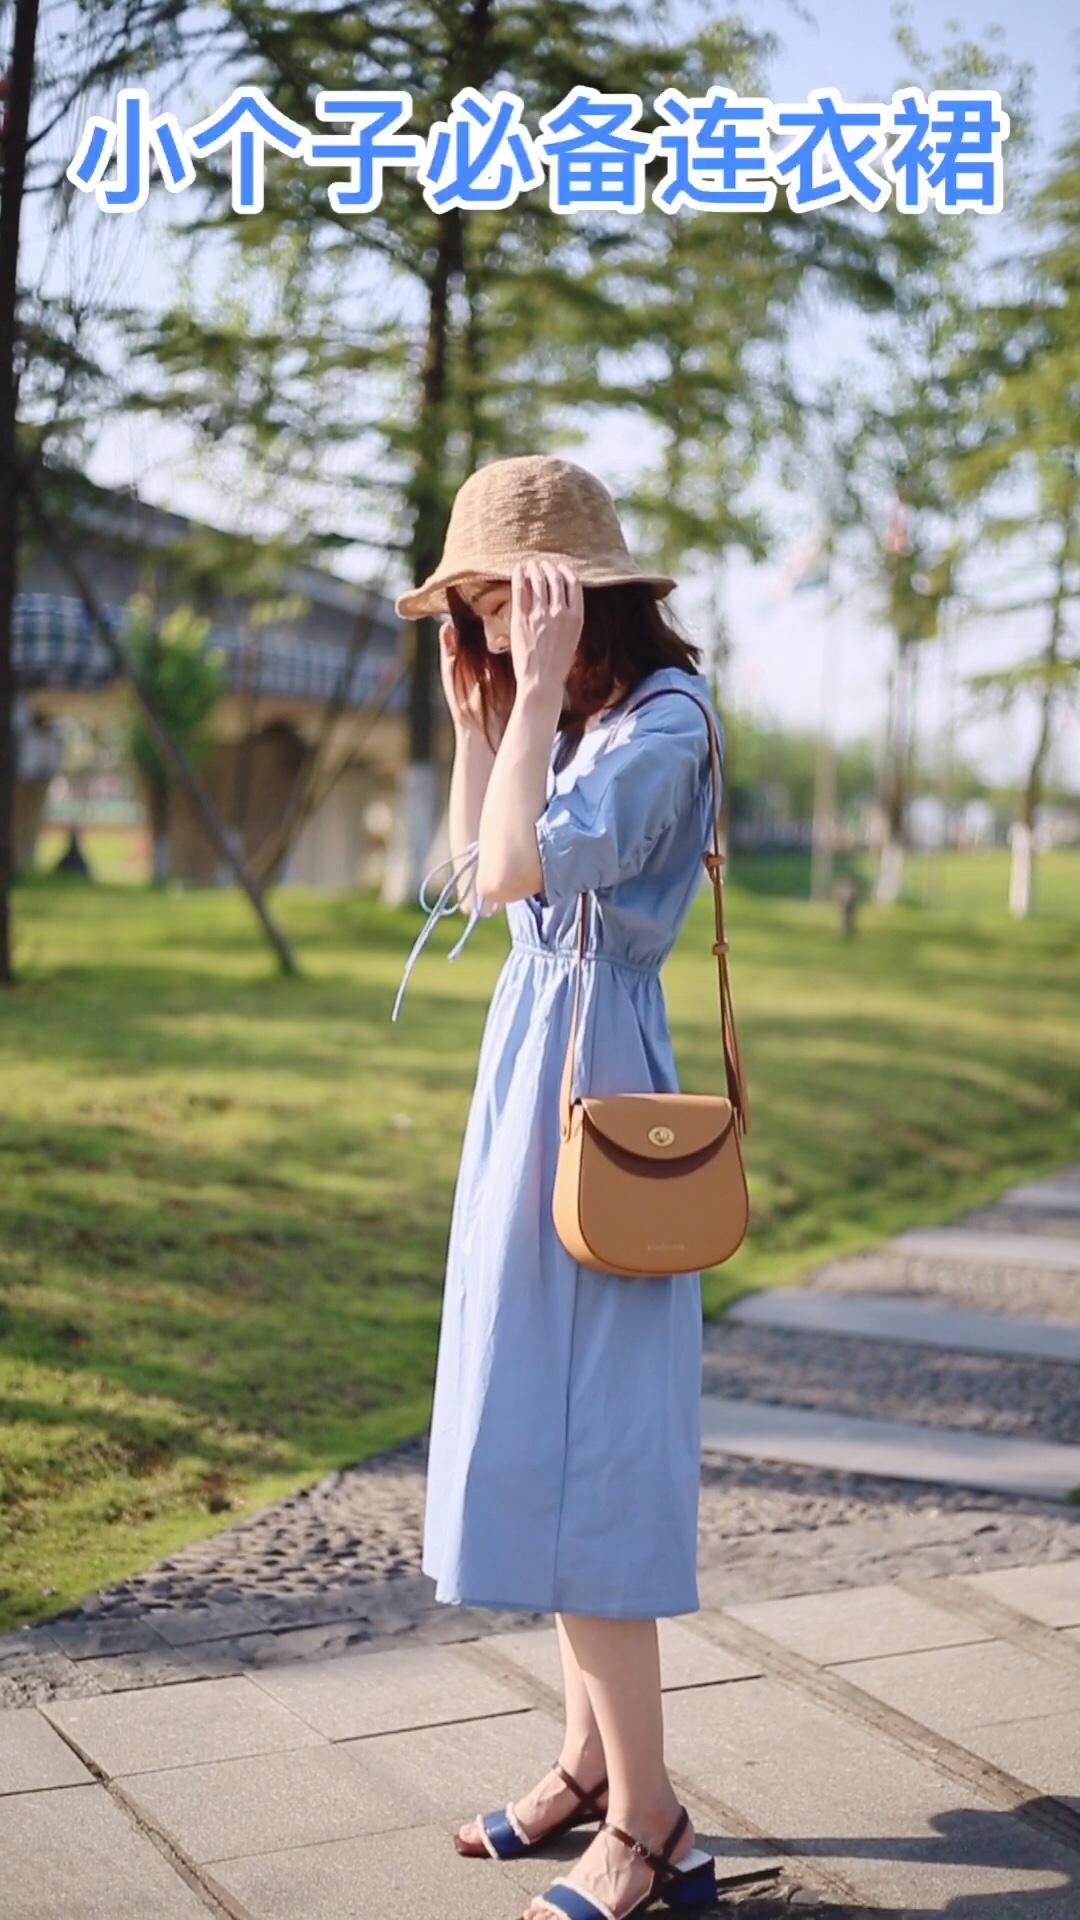 #入夏好天气,穿成假装在度假# 蓝色的法式连衣裙超显白的 也很有设计感 v领显瘦 收腰的设计提高腰线 显瘦妥妥的 蓝色也很清新少女 这个夏天强烈安利啦~